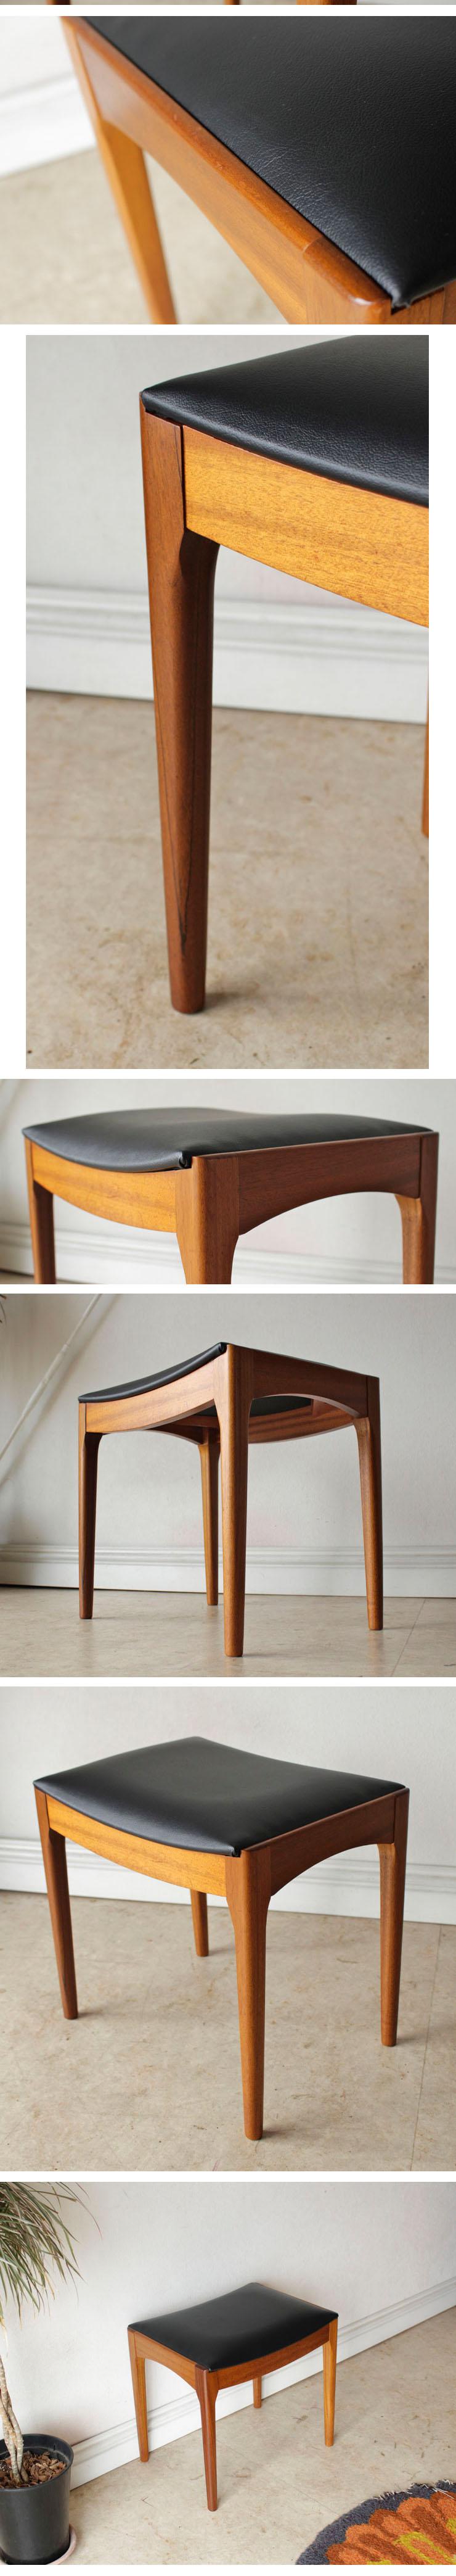 スツール・ビンテージ・アンティーク・チーク・椅子